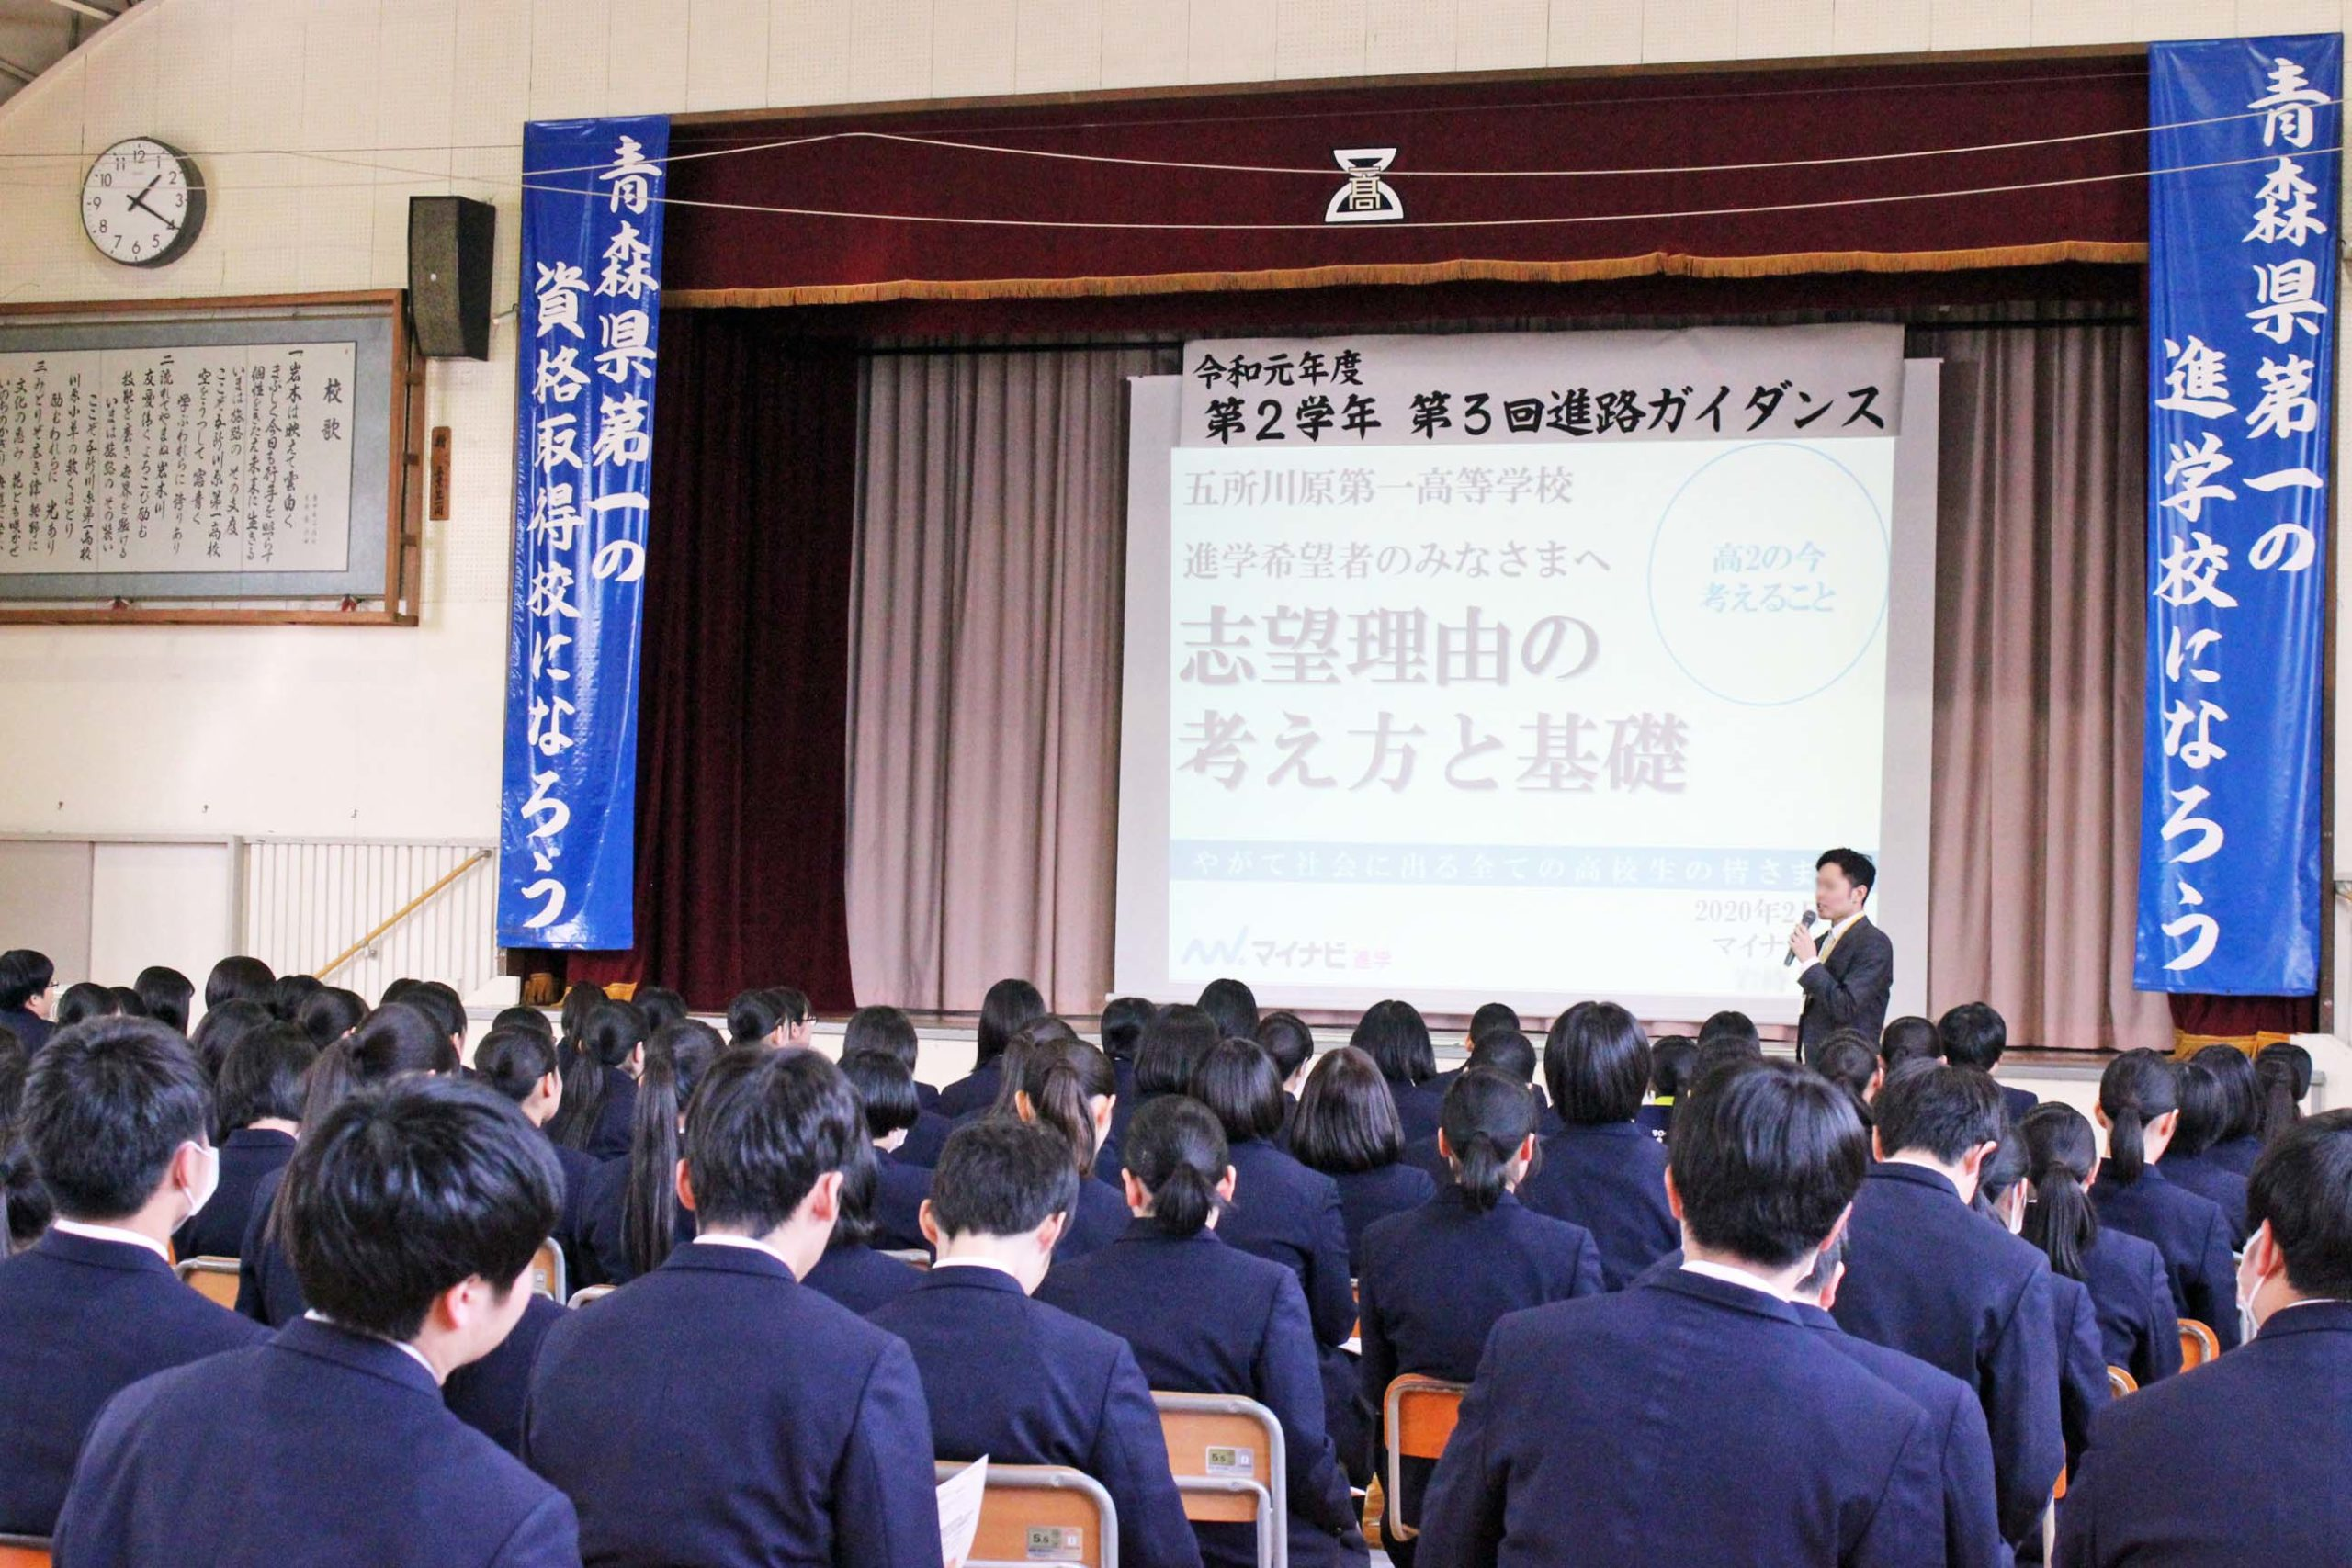 五所川原第一高校 2学年進路ガイダンス